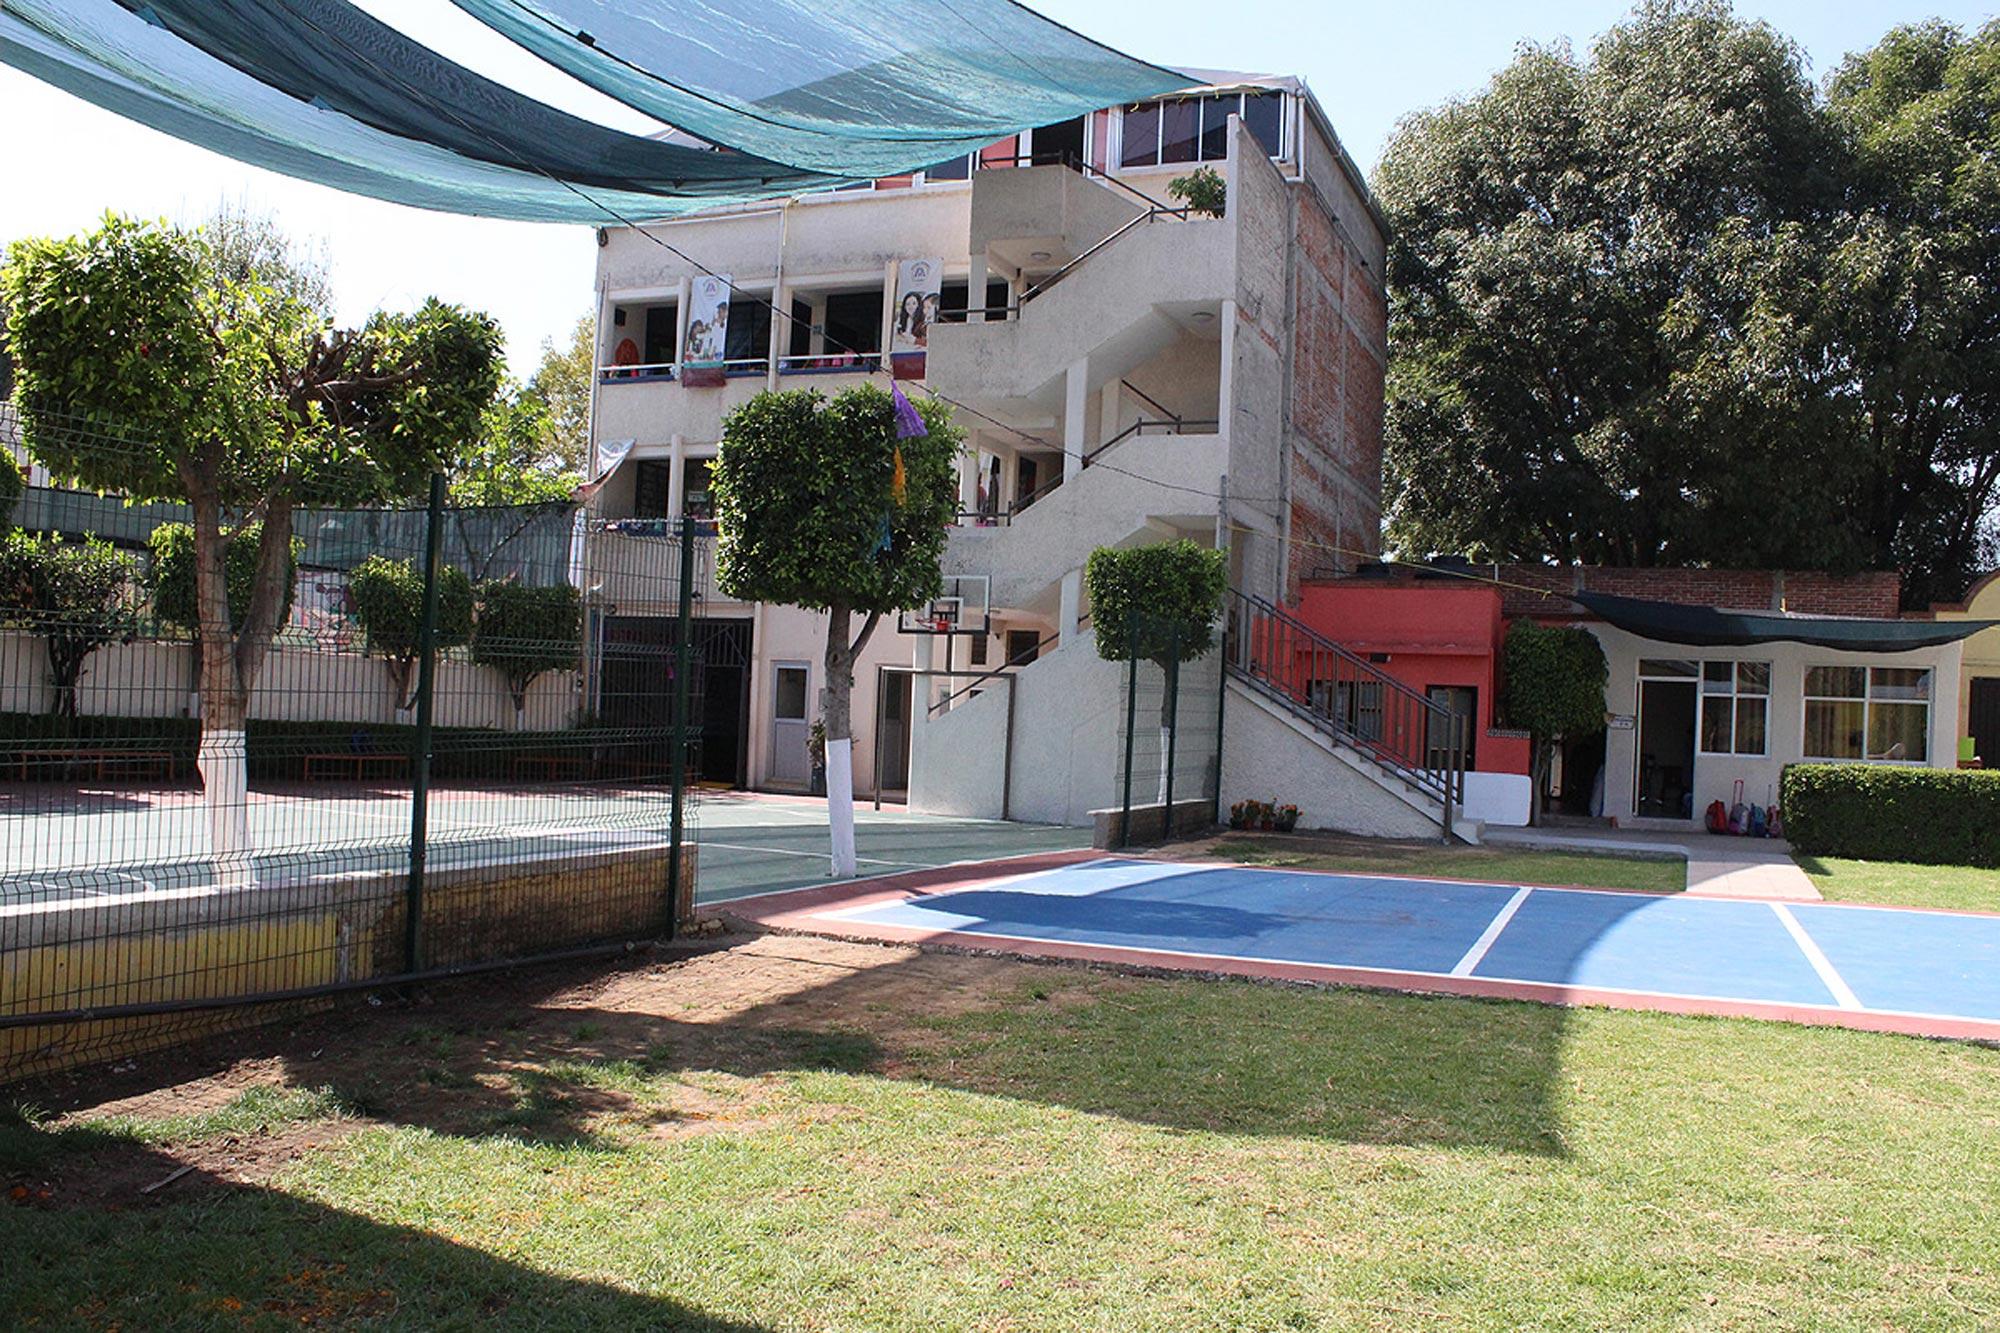 OliverioCromwell-xochimilco-instalaciones-4